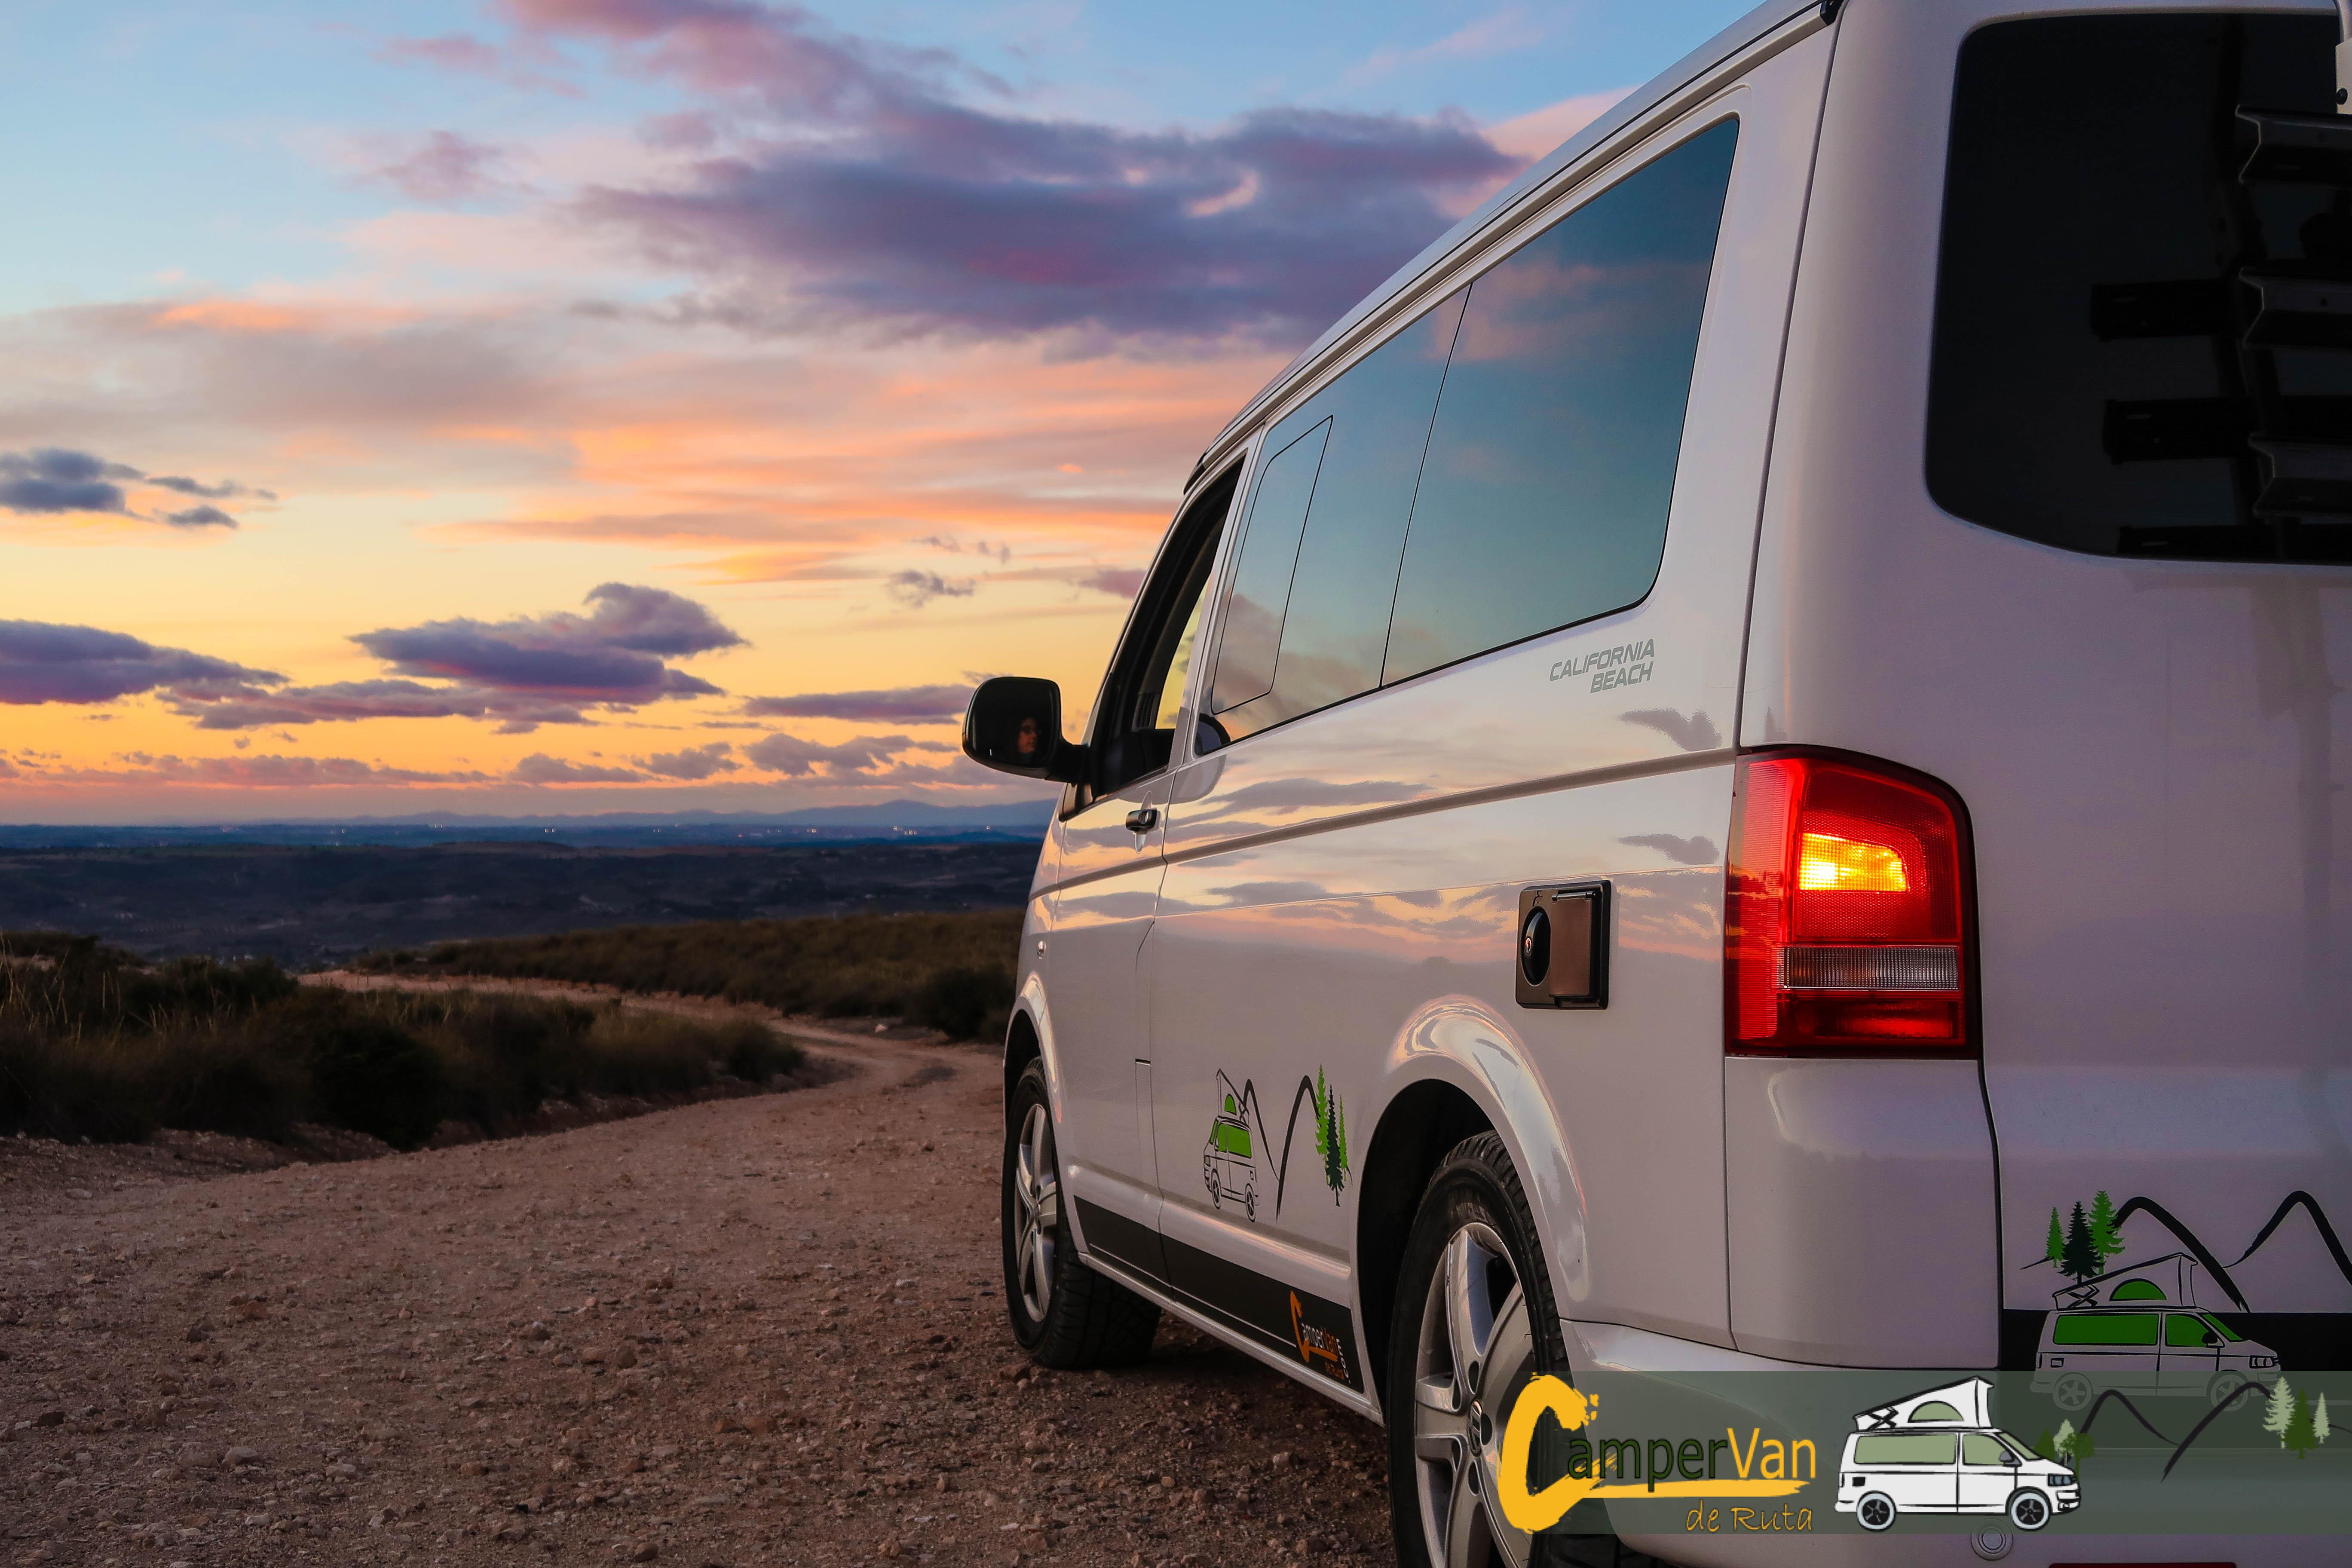 Sunset view with Campervan de Ruta